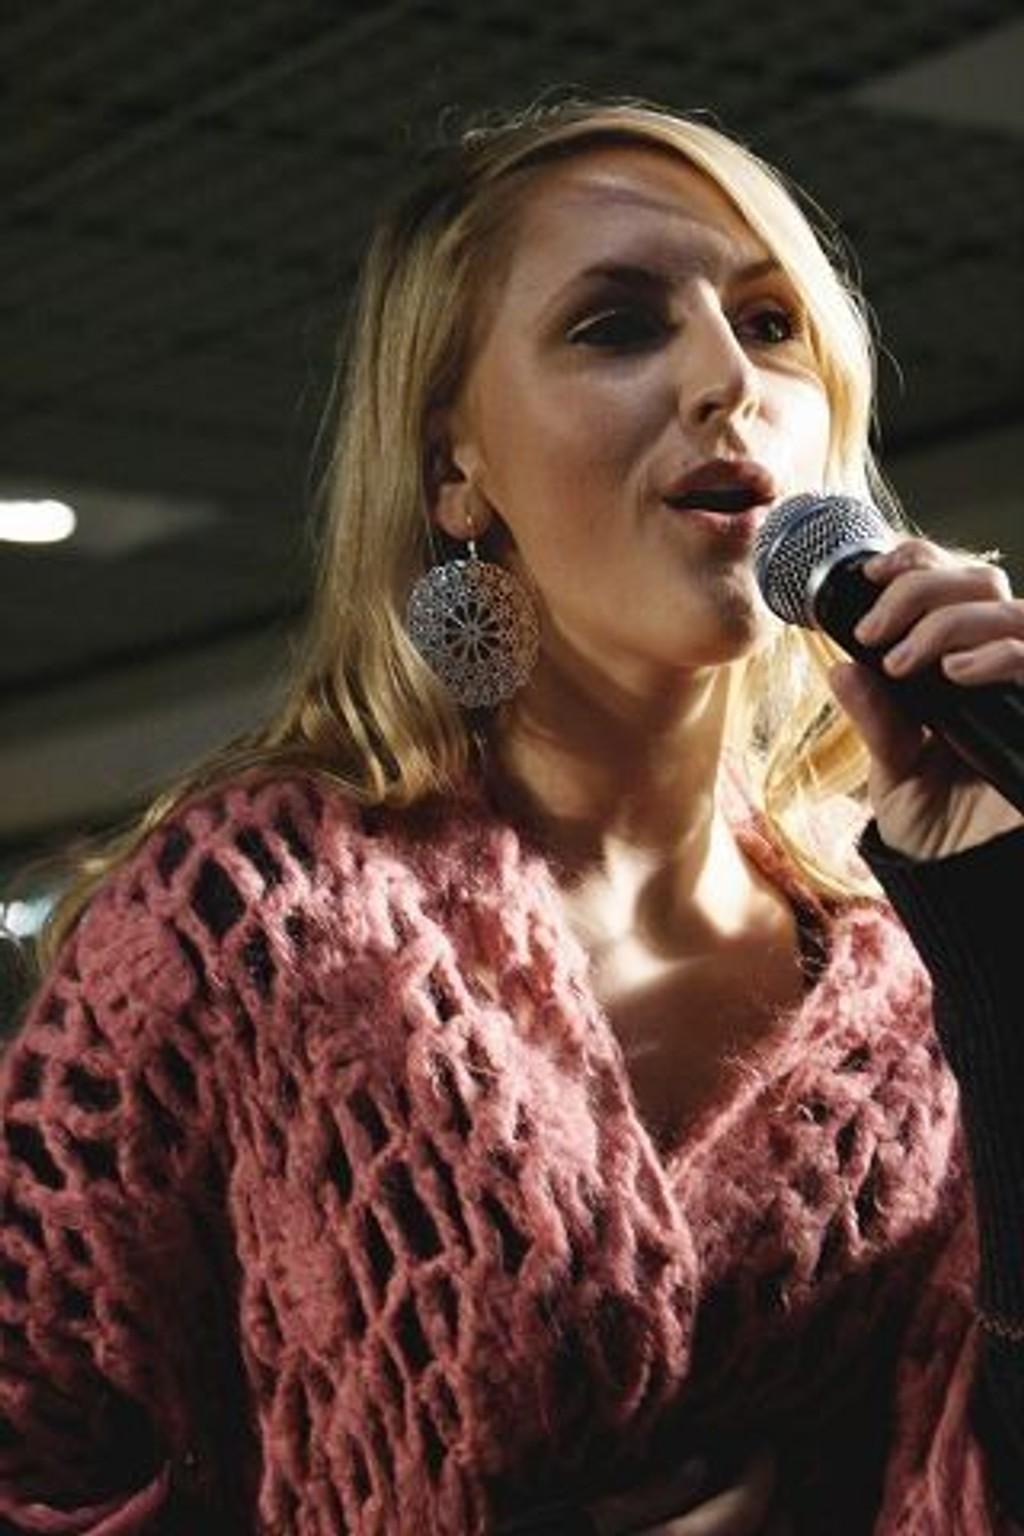 Maria Arredondo sang ikke minst Kyrie Eleison så julefreden riktig senket seg på Tveita senter.